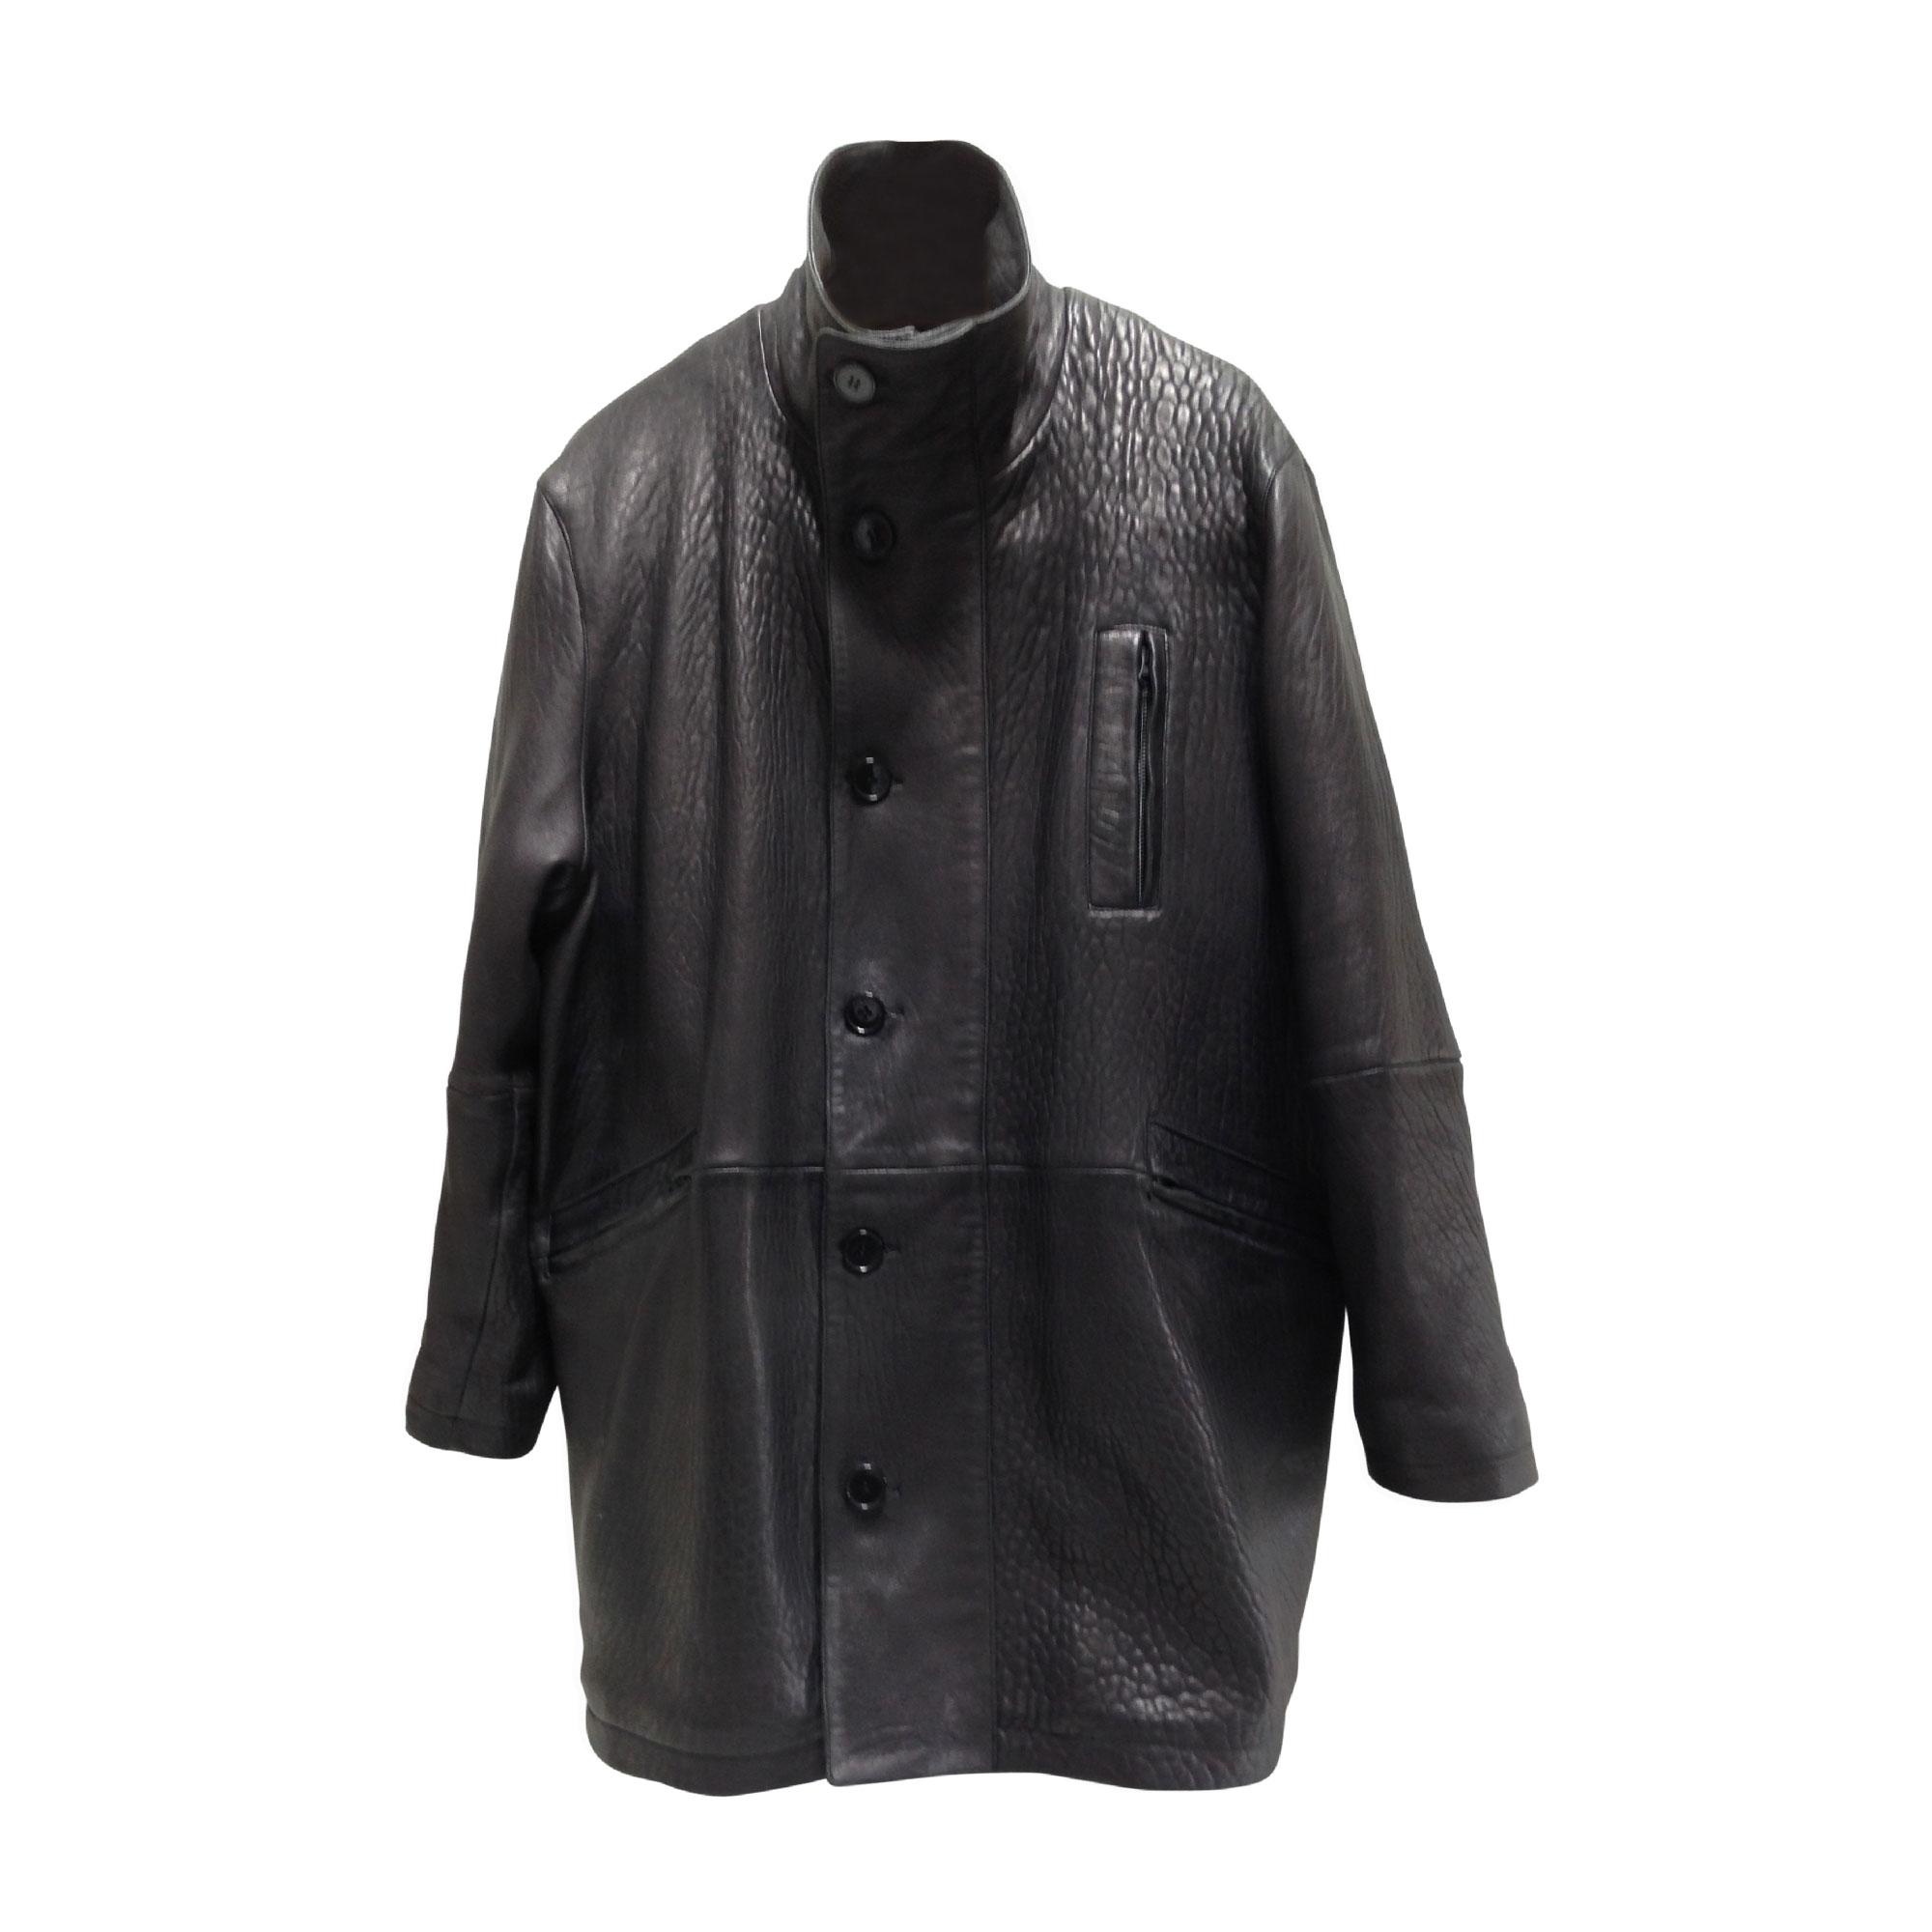 Manteau en cuir MAC DOUGLAS Gris, anthracite